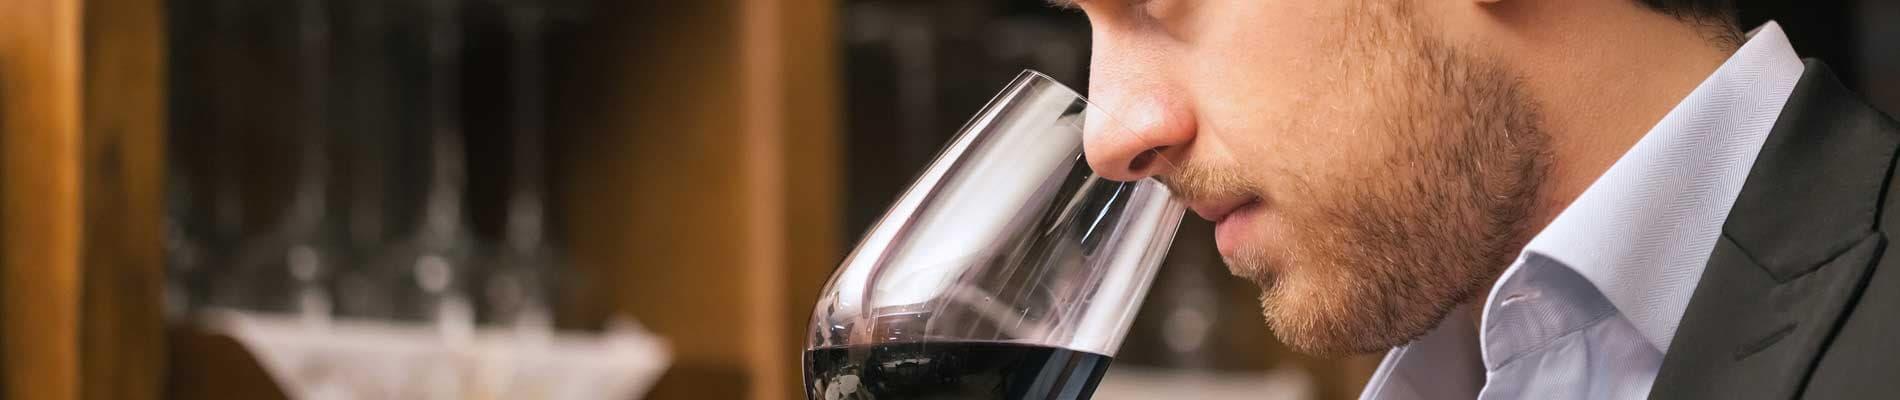 Sommelier e degustazione di vini